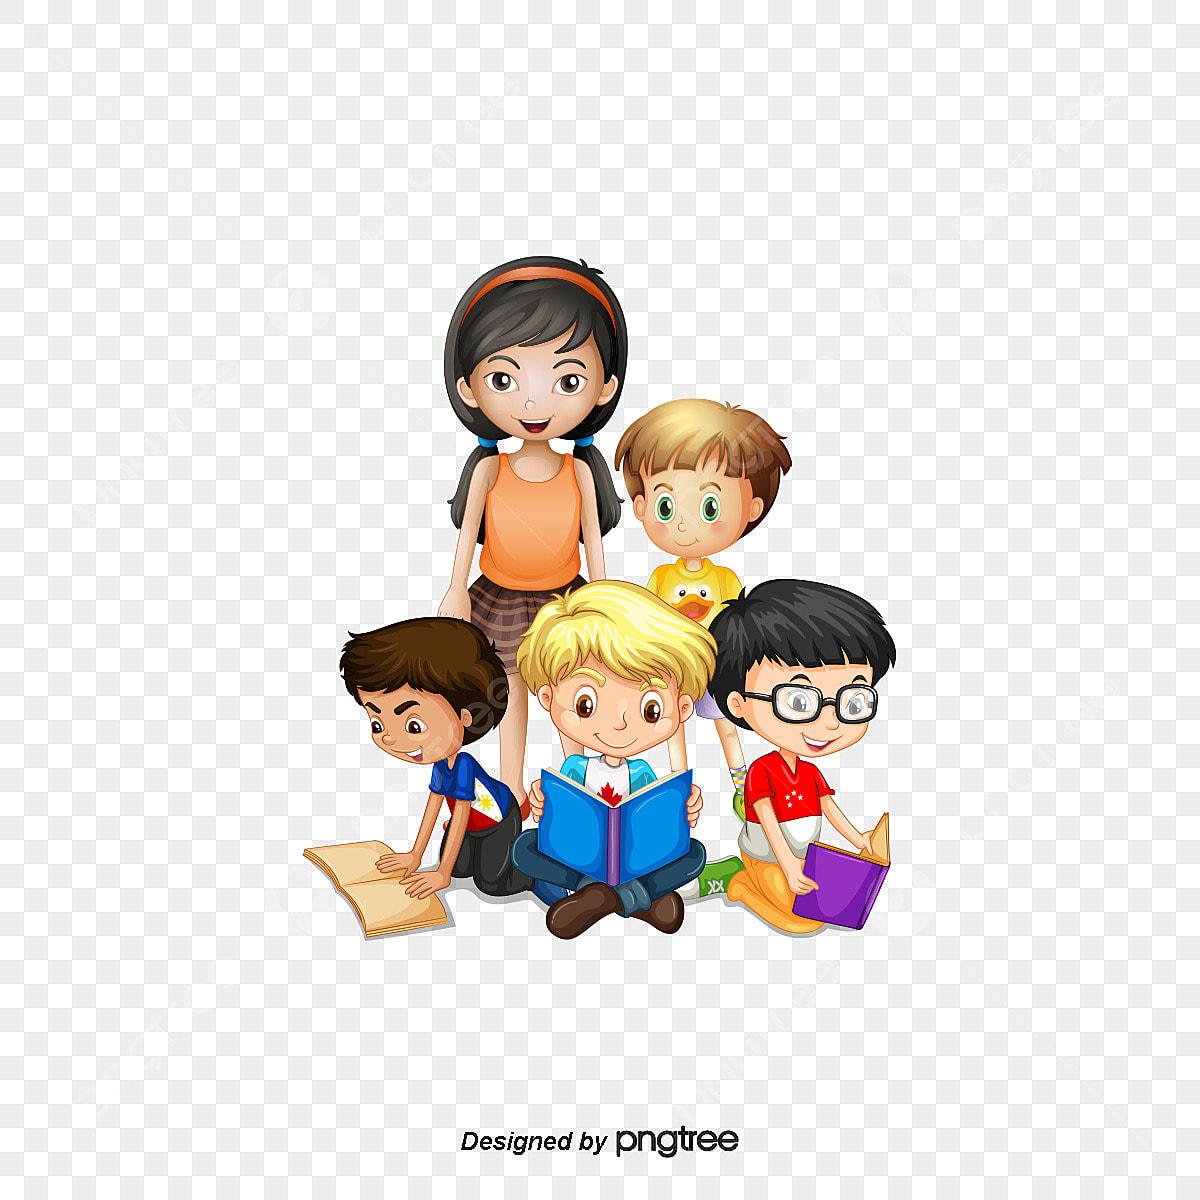 Vetor Desenho Crianca Vector Pintados A Mao Linda Png E Vetor